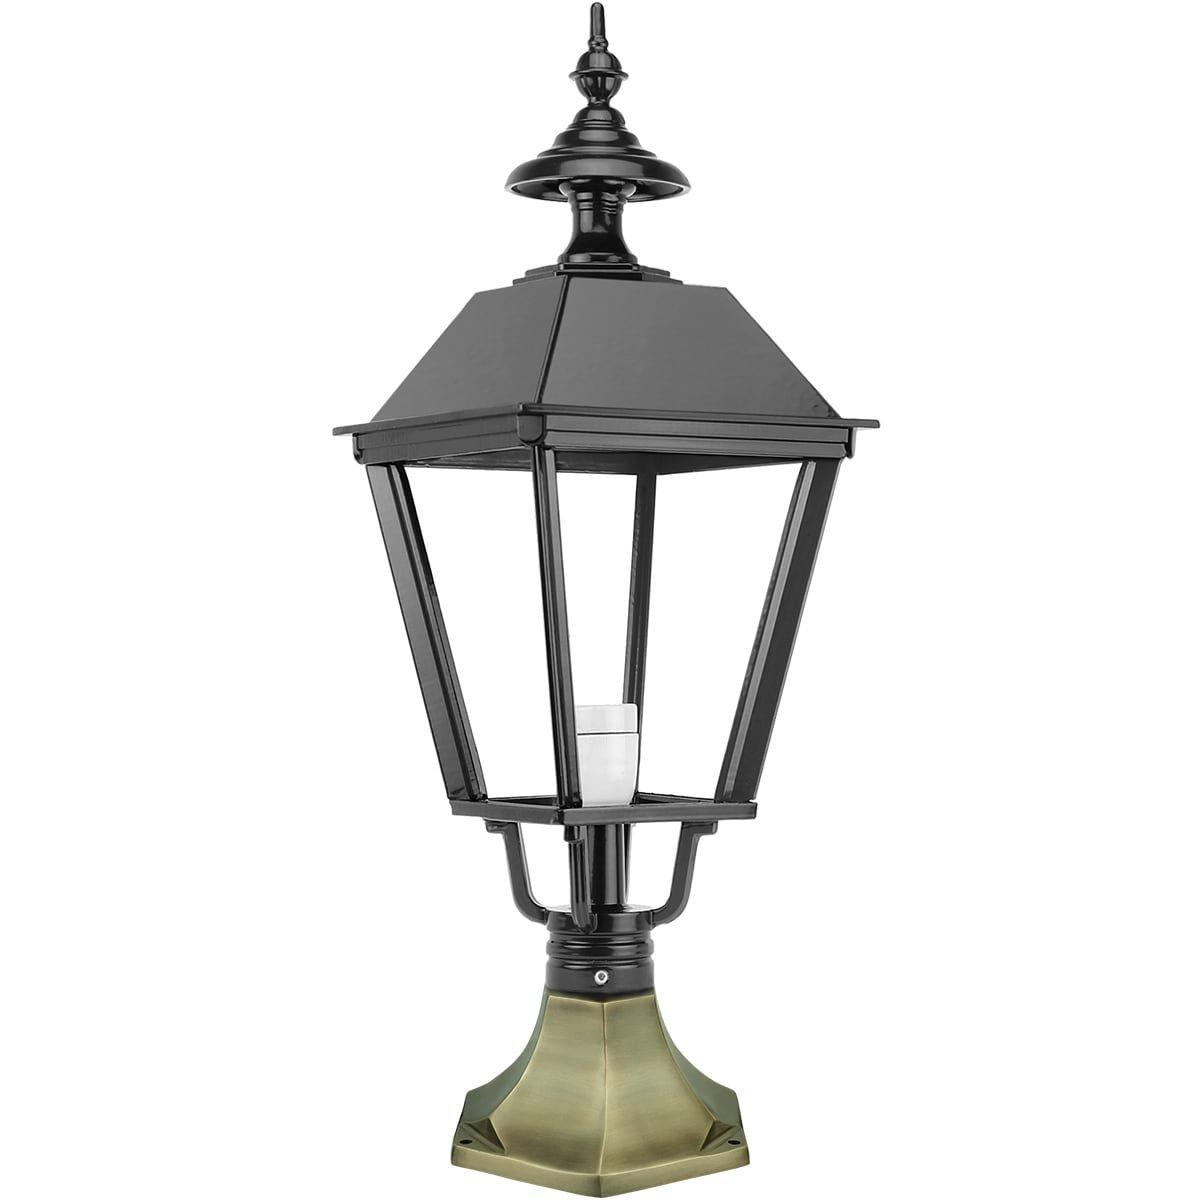 Buitenverlichting Klassiek Nostalgisch Vloerlantaarn Dortherhoek brons - 64 cm